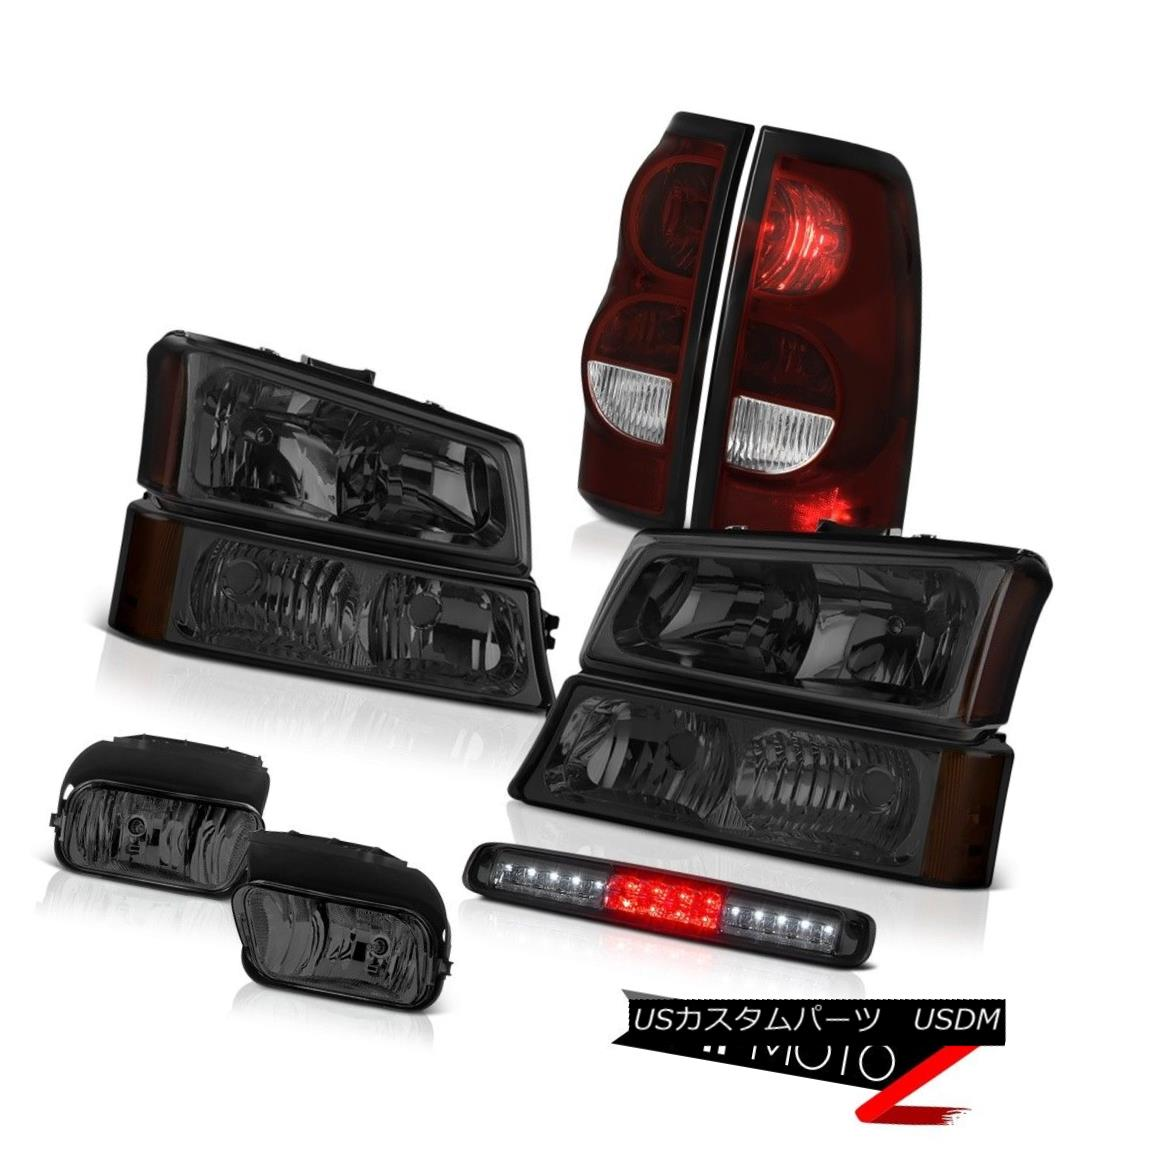 テールライト 03-06 Silverado 1500 Phantom Smoke 3RD Brake Lamp Foglamps Taillamps Headlights 03-06 Silverado 1500ファントムスモーク3RDブレーキランプフォグランプタイルランプヘッドライト